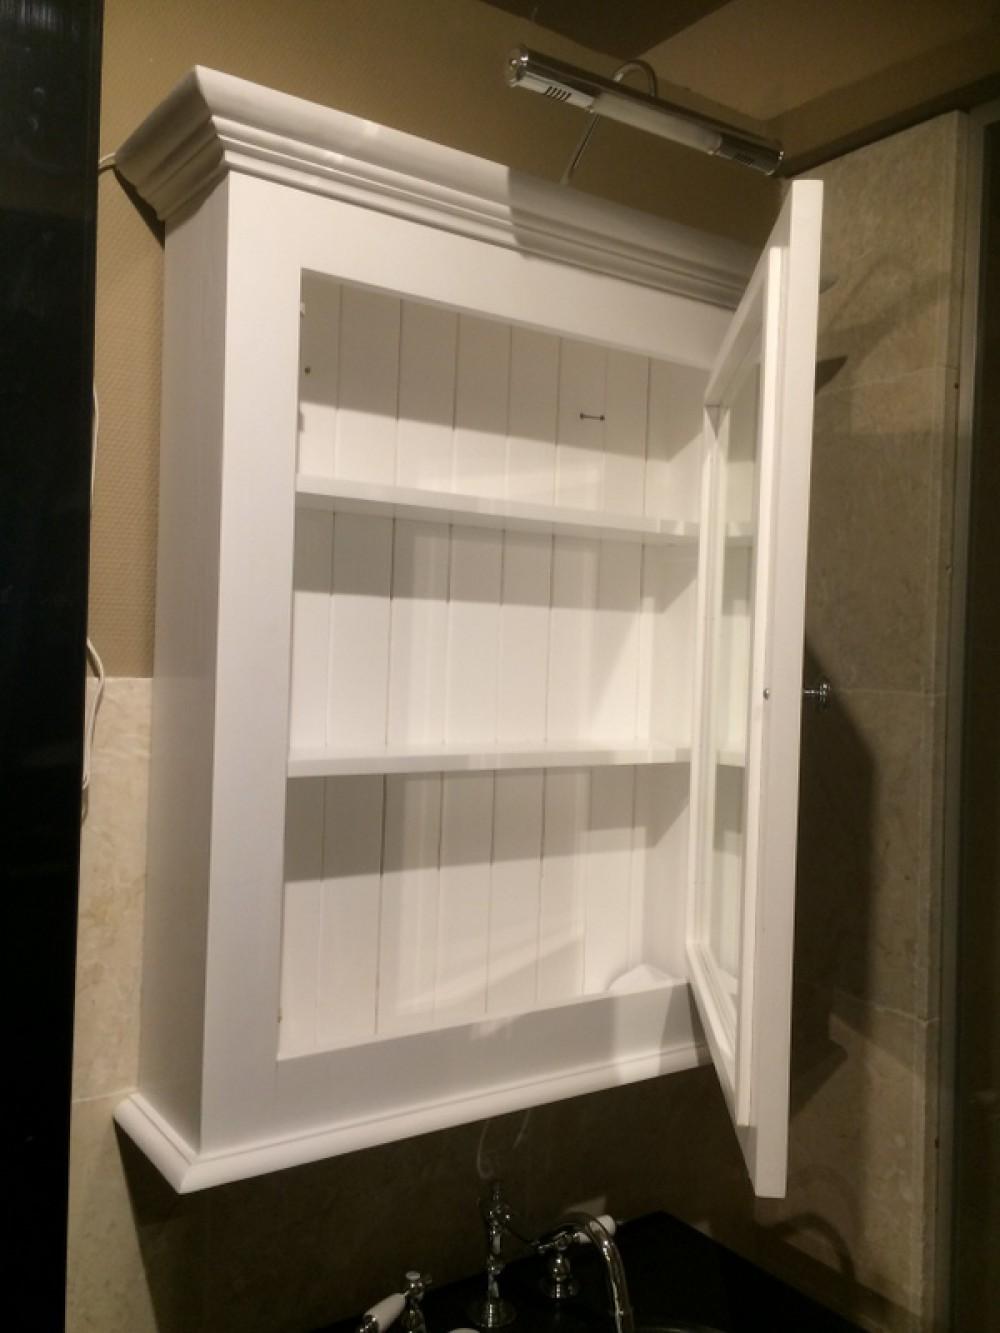 waschtisch im landhausstil farbe wei anthrazit breite 72 cm. Black Bedroom Furniture Sets. Home Design Ideas